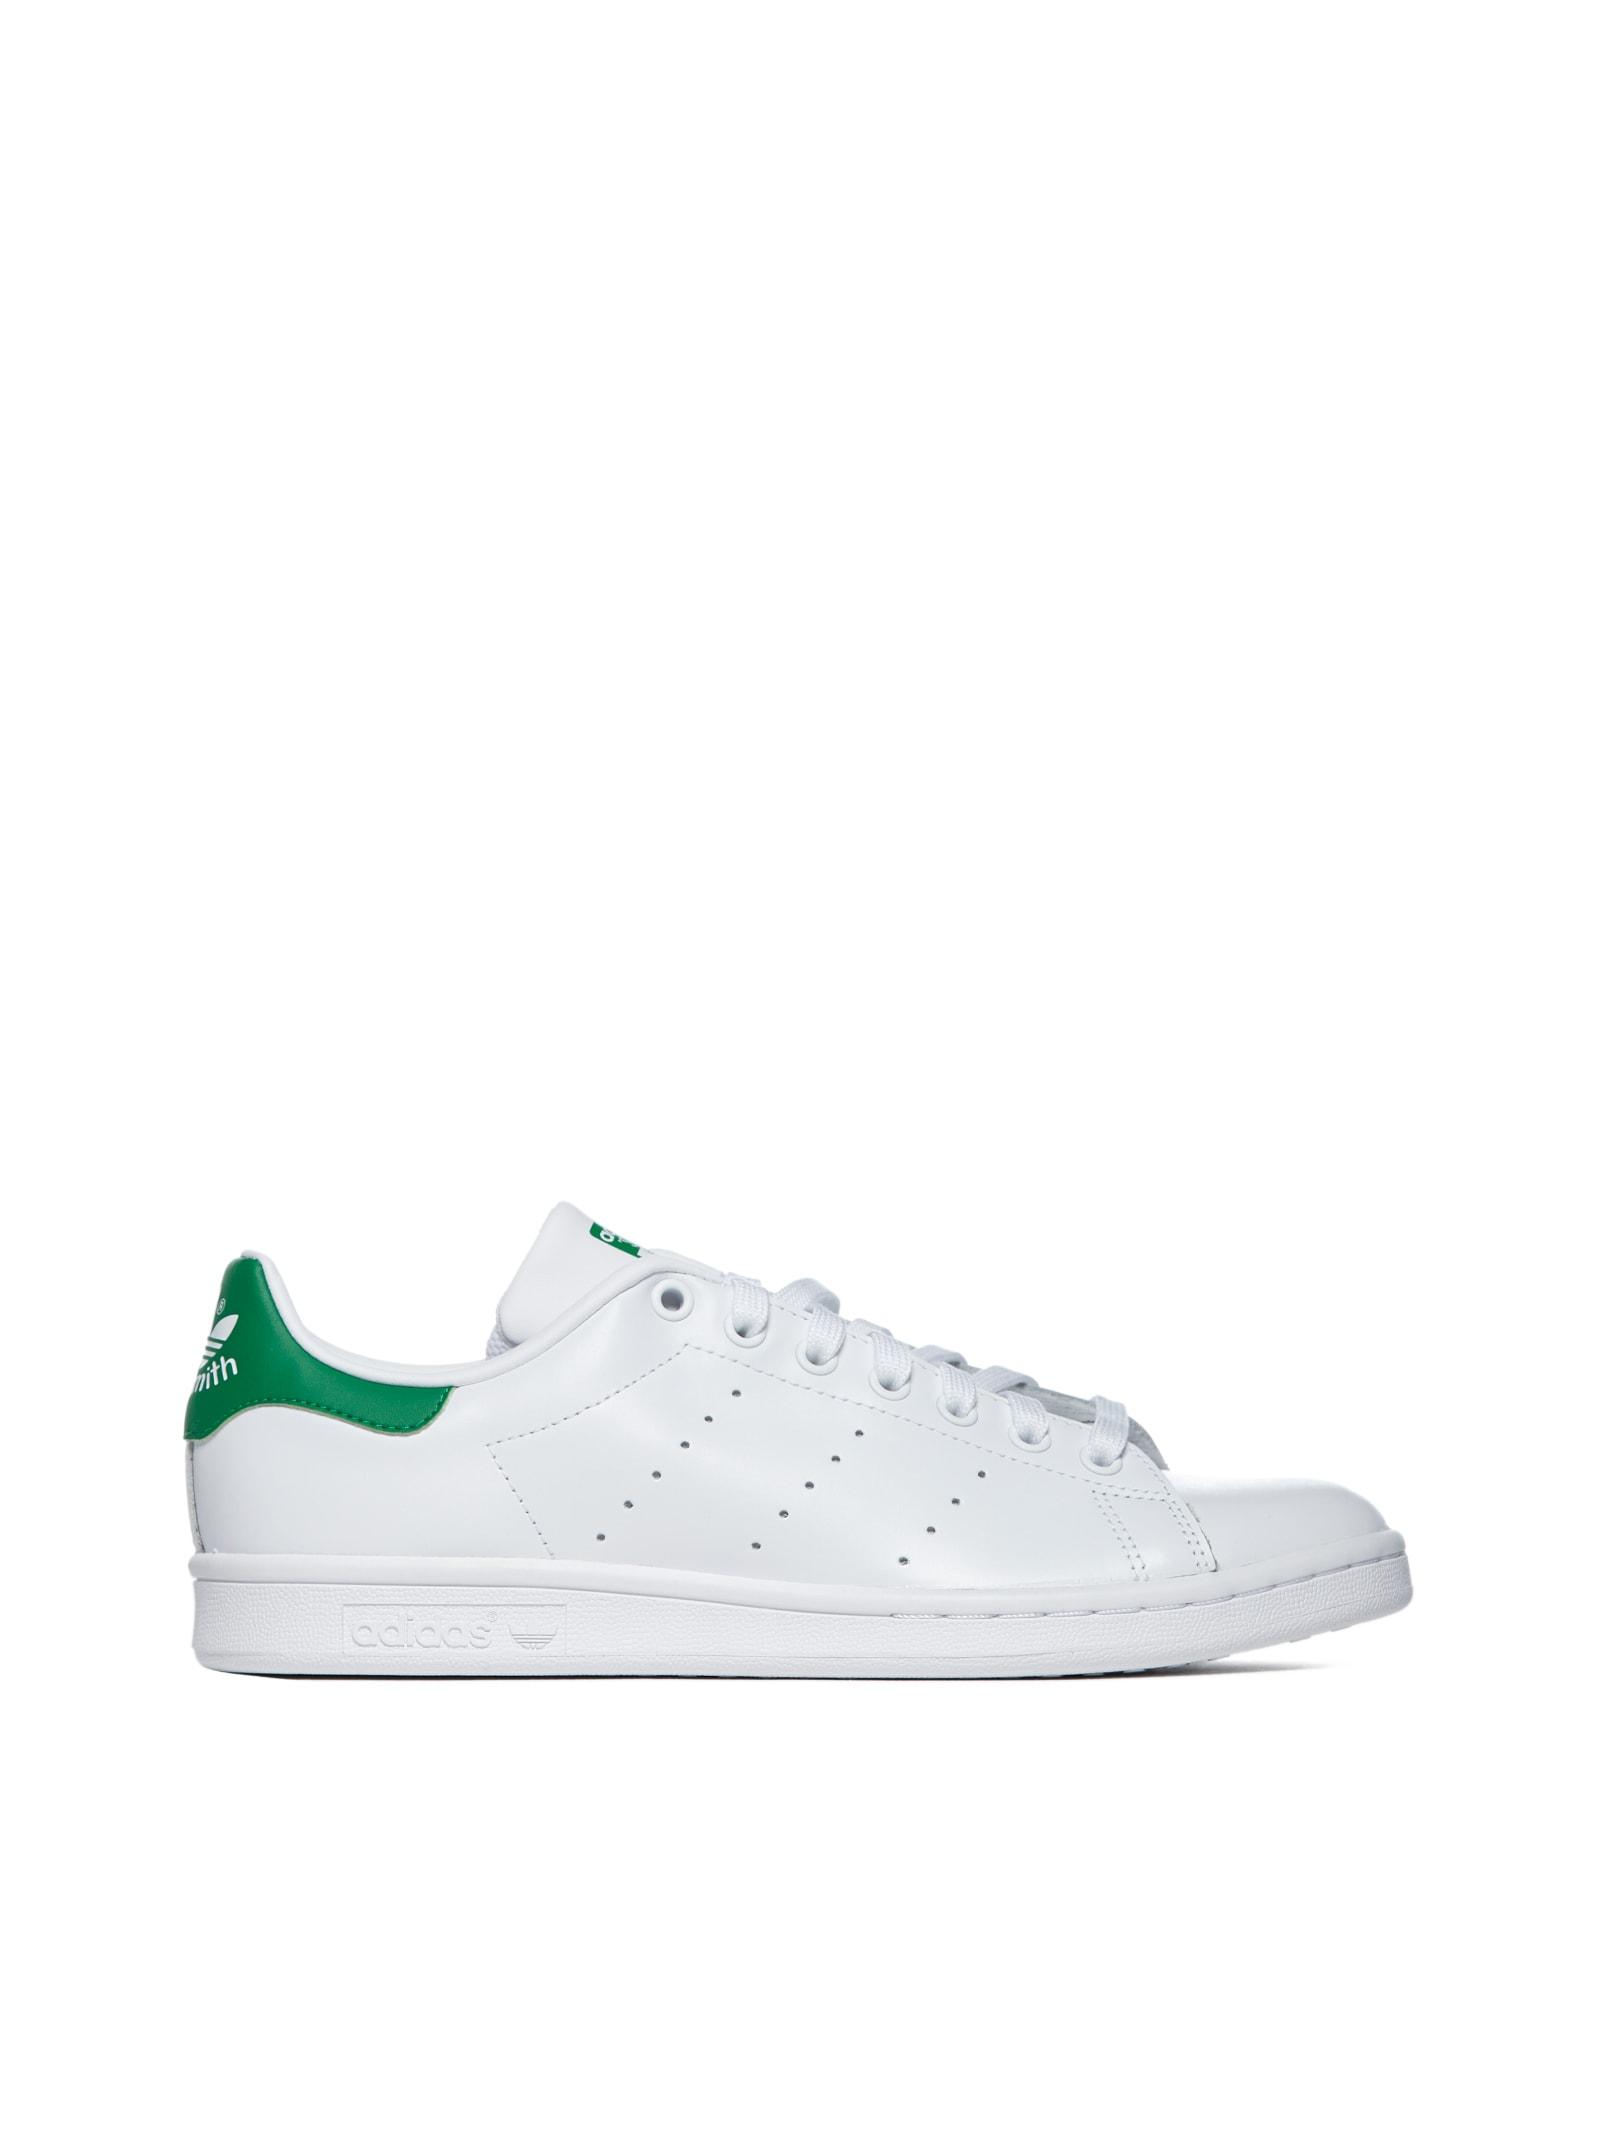 adidas classic verdes